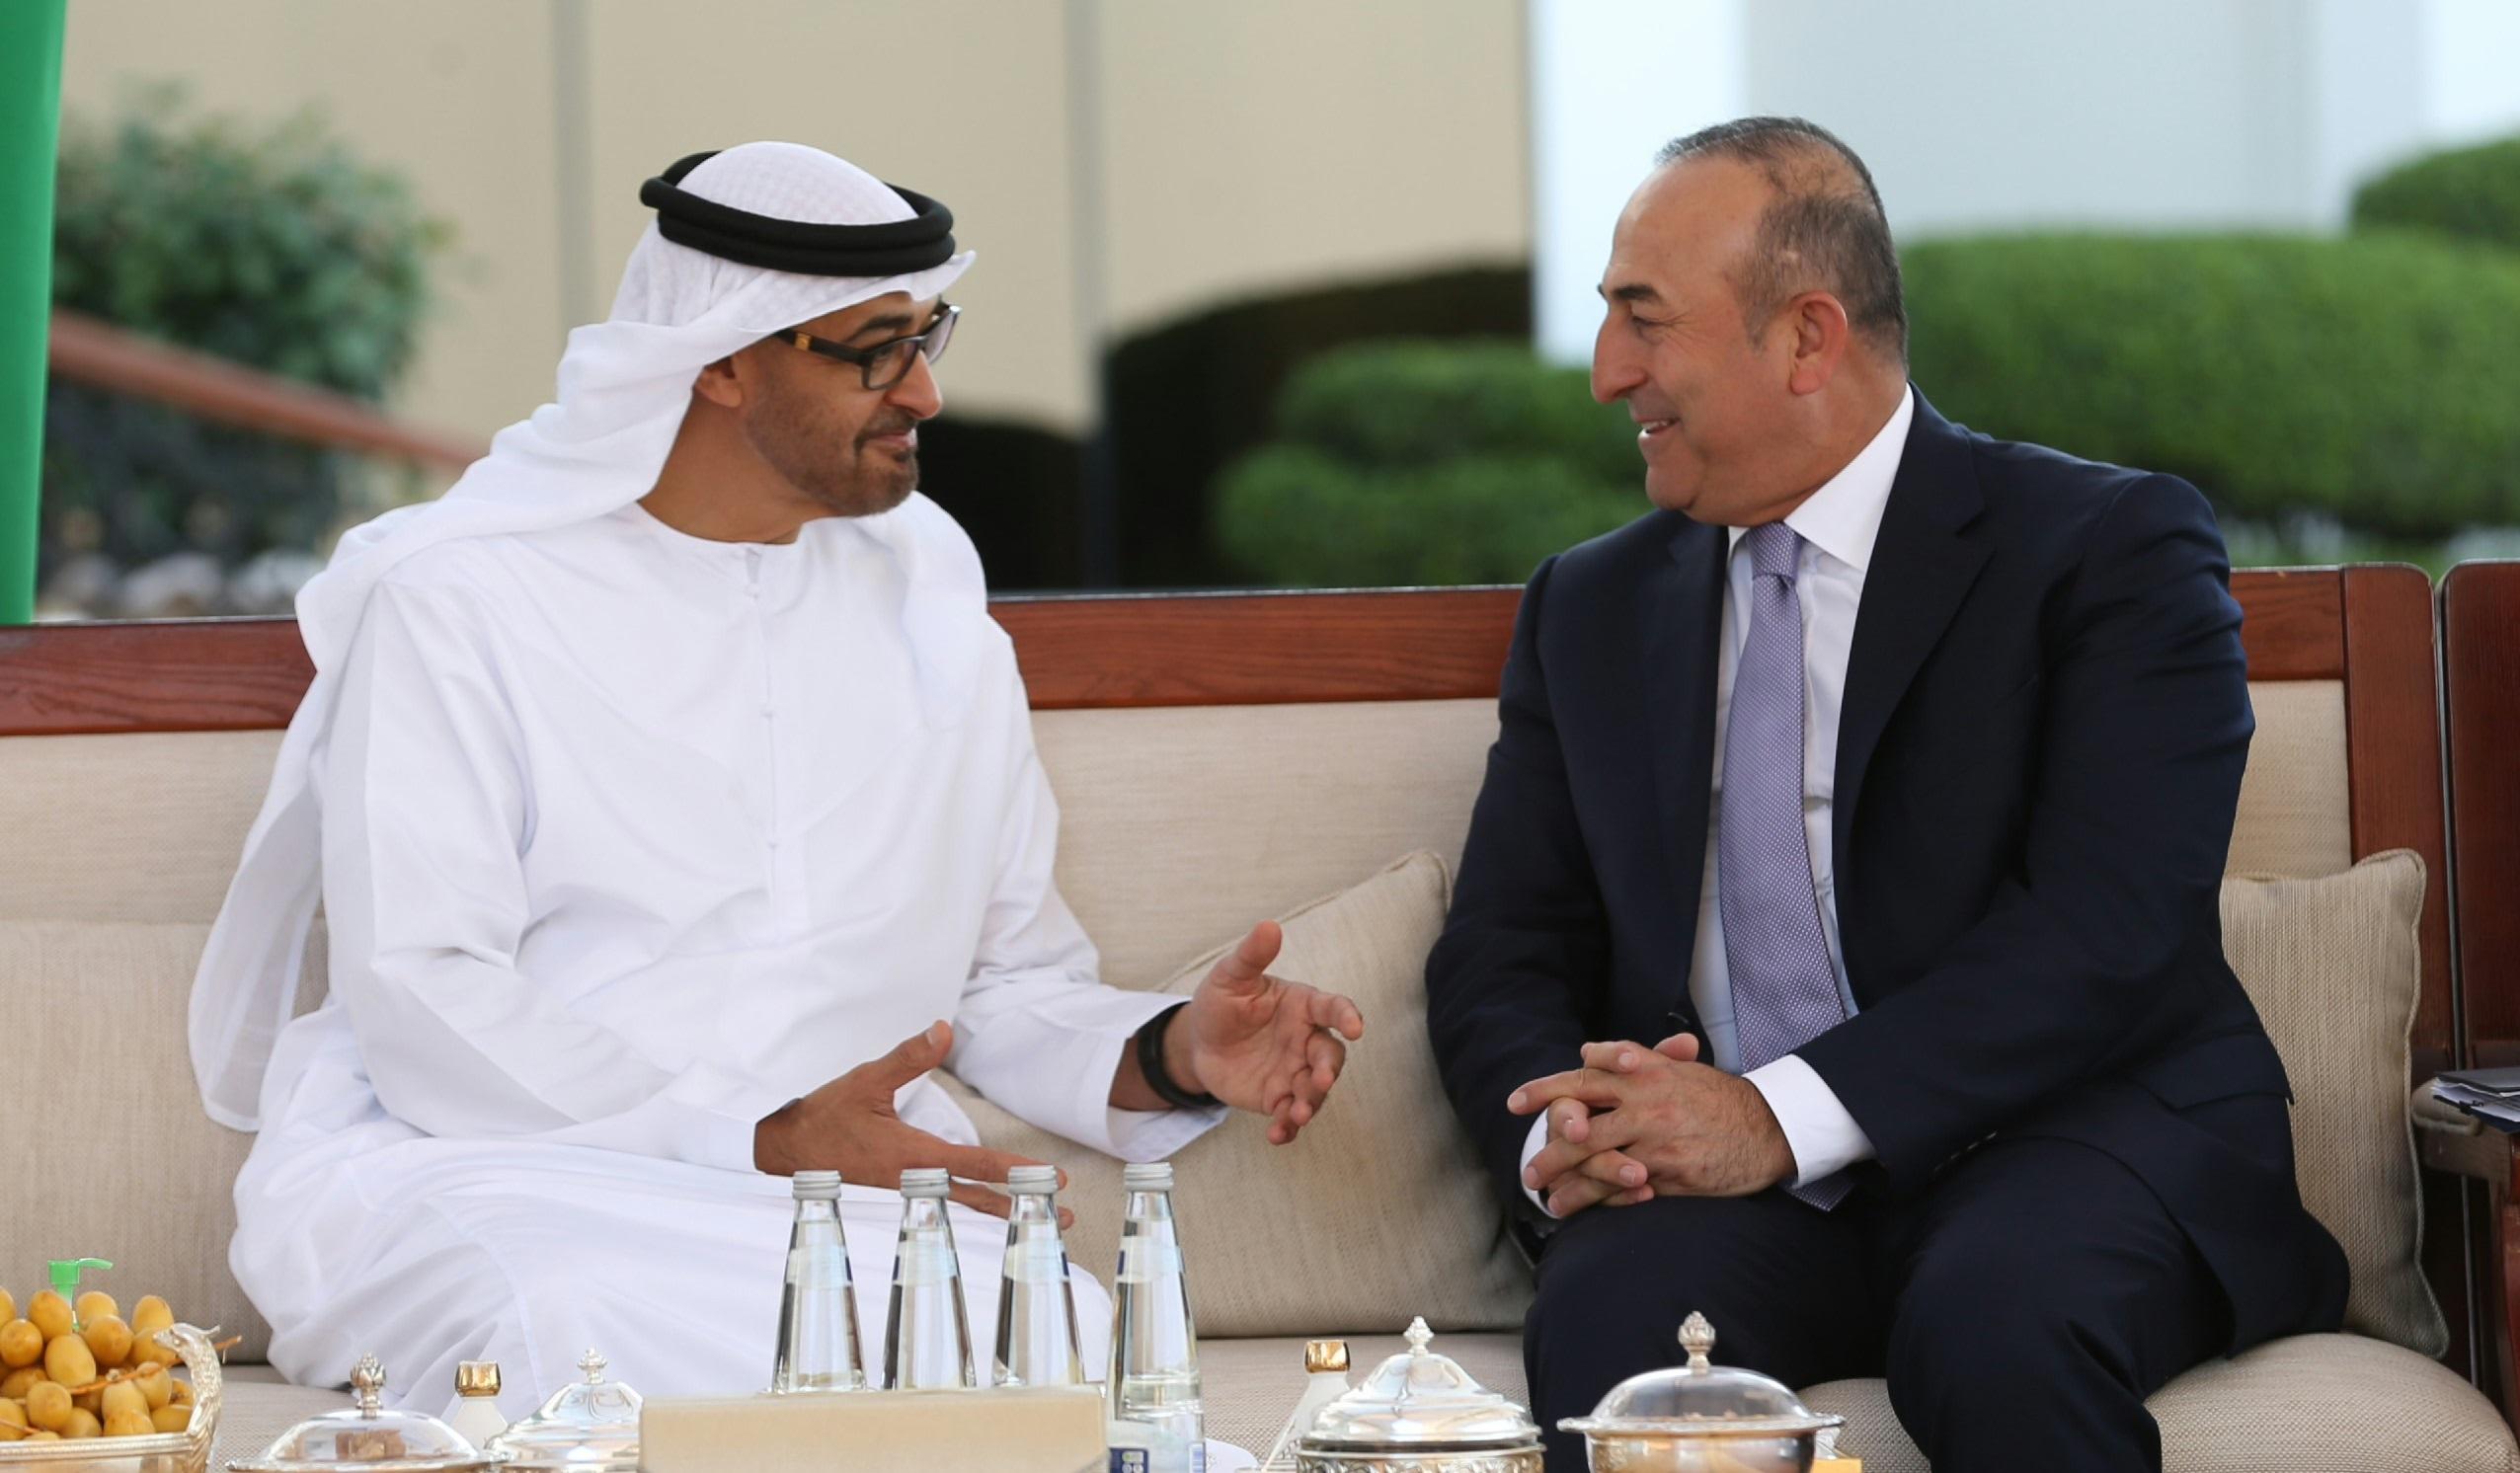 """وزير الخارجية التركي يعتبر زيارته إلى أبوظبي """"نقطة تحول"""" للعلاقات بين تركيا والإمارات 20160425_2_15687275_8054339"""